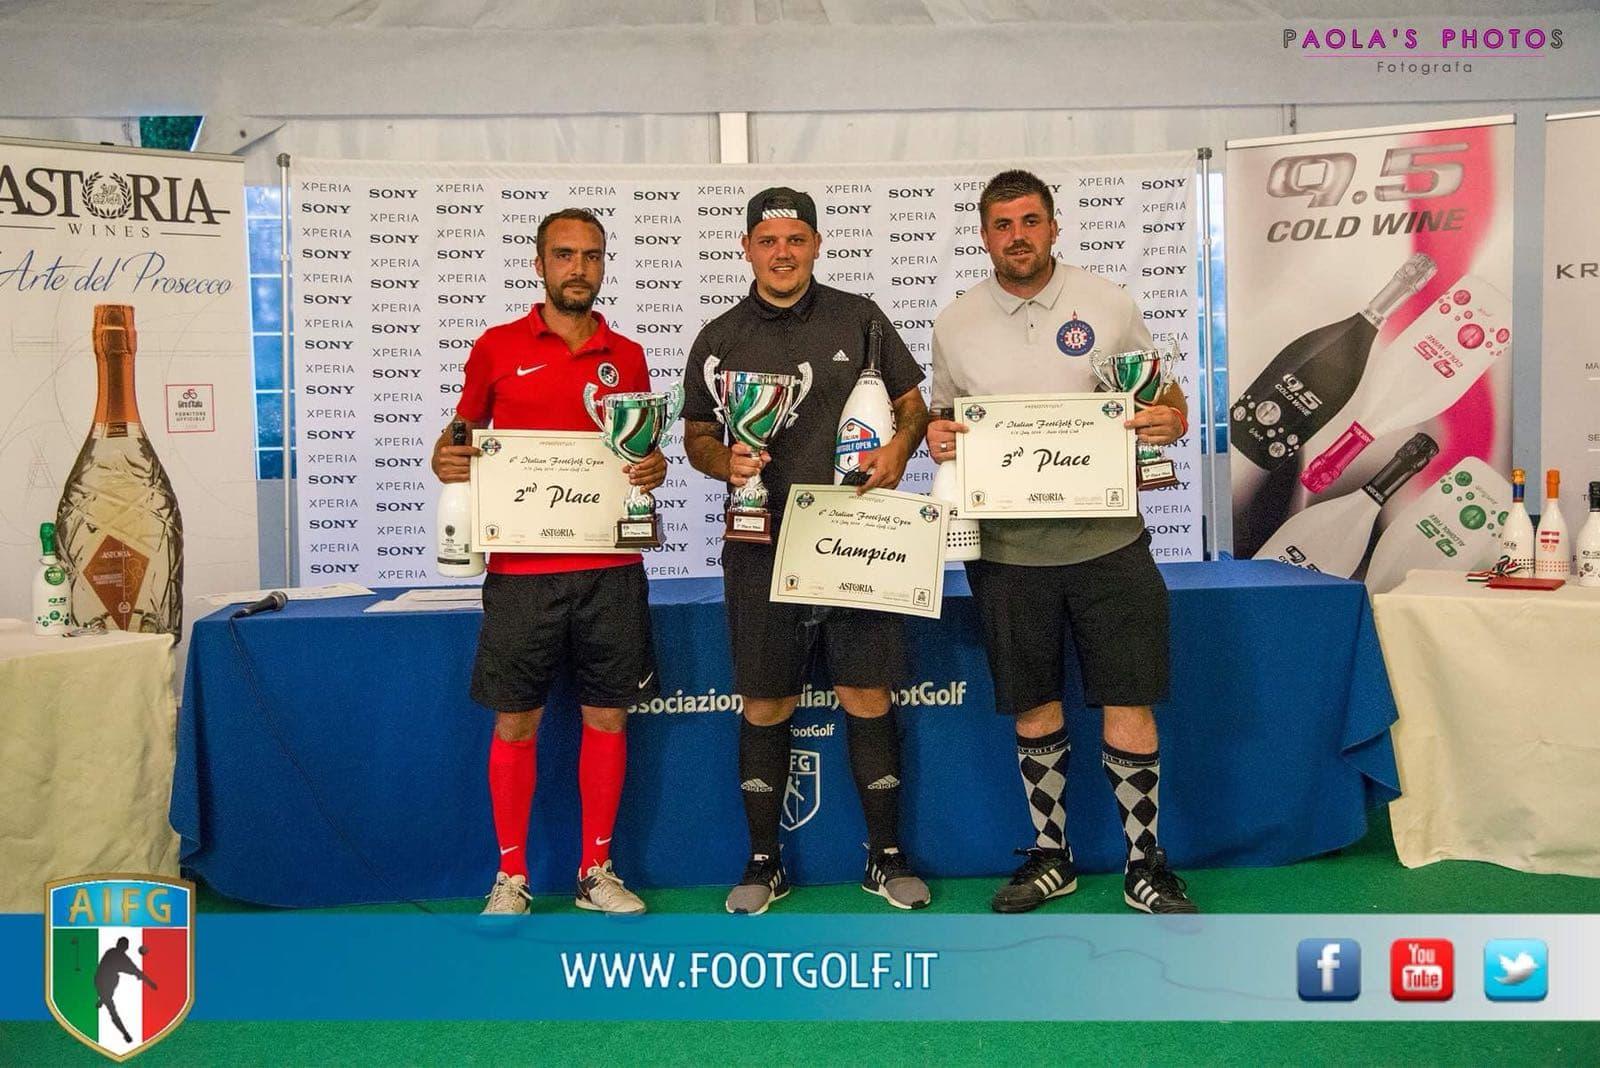 Italian Open podium